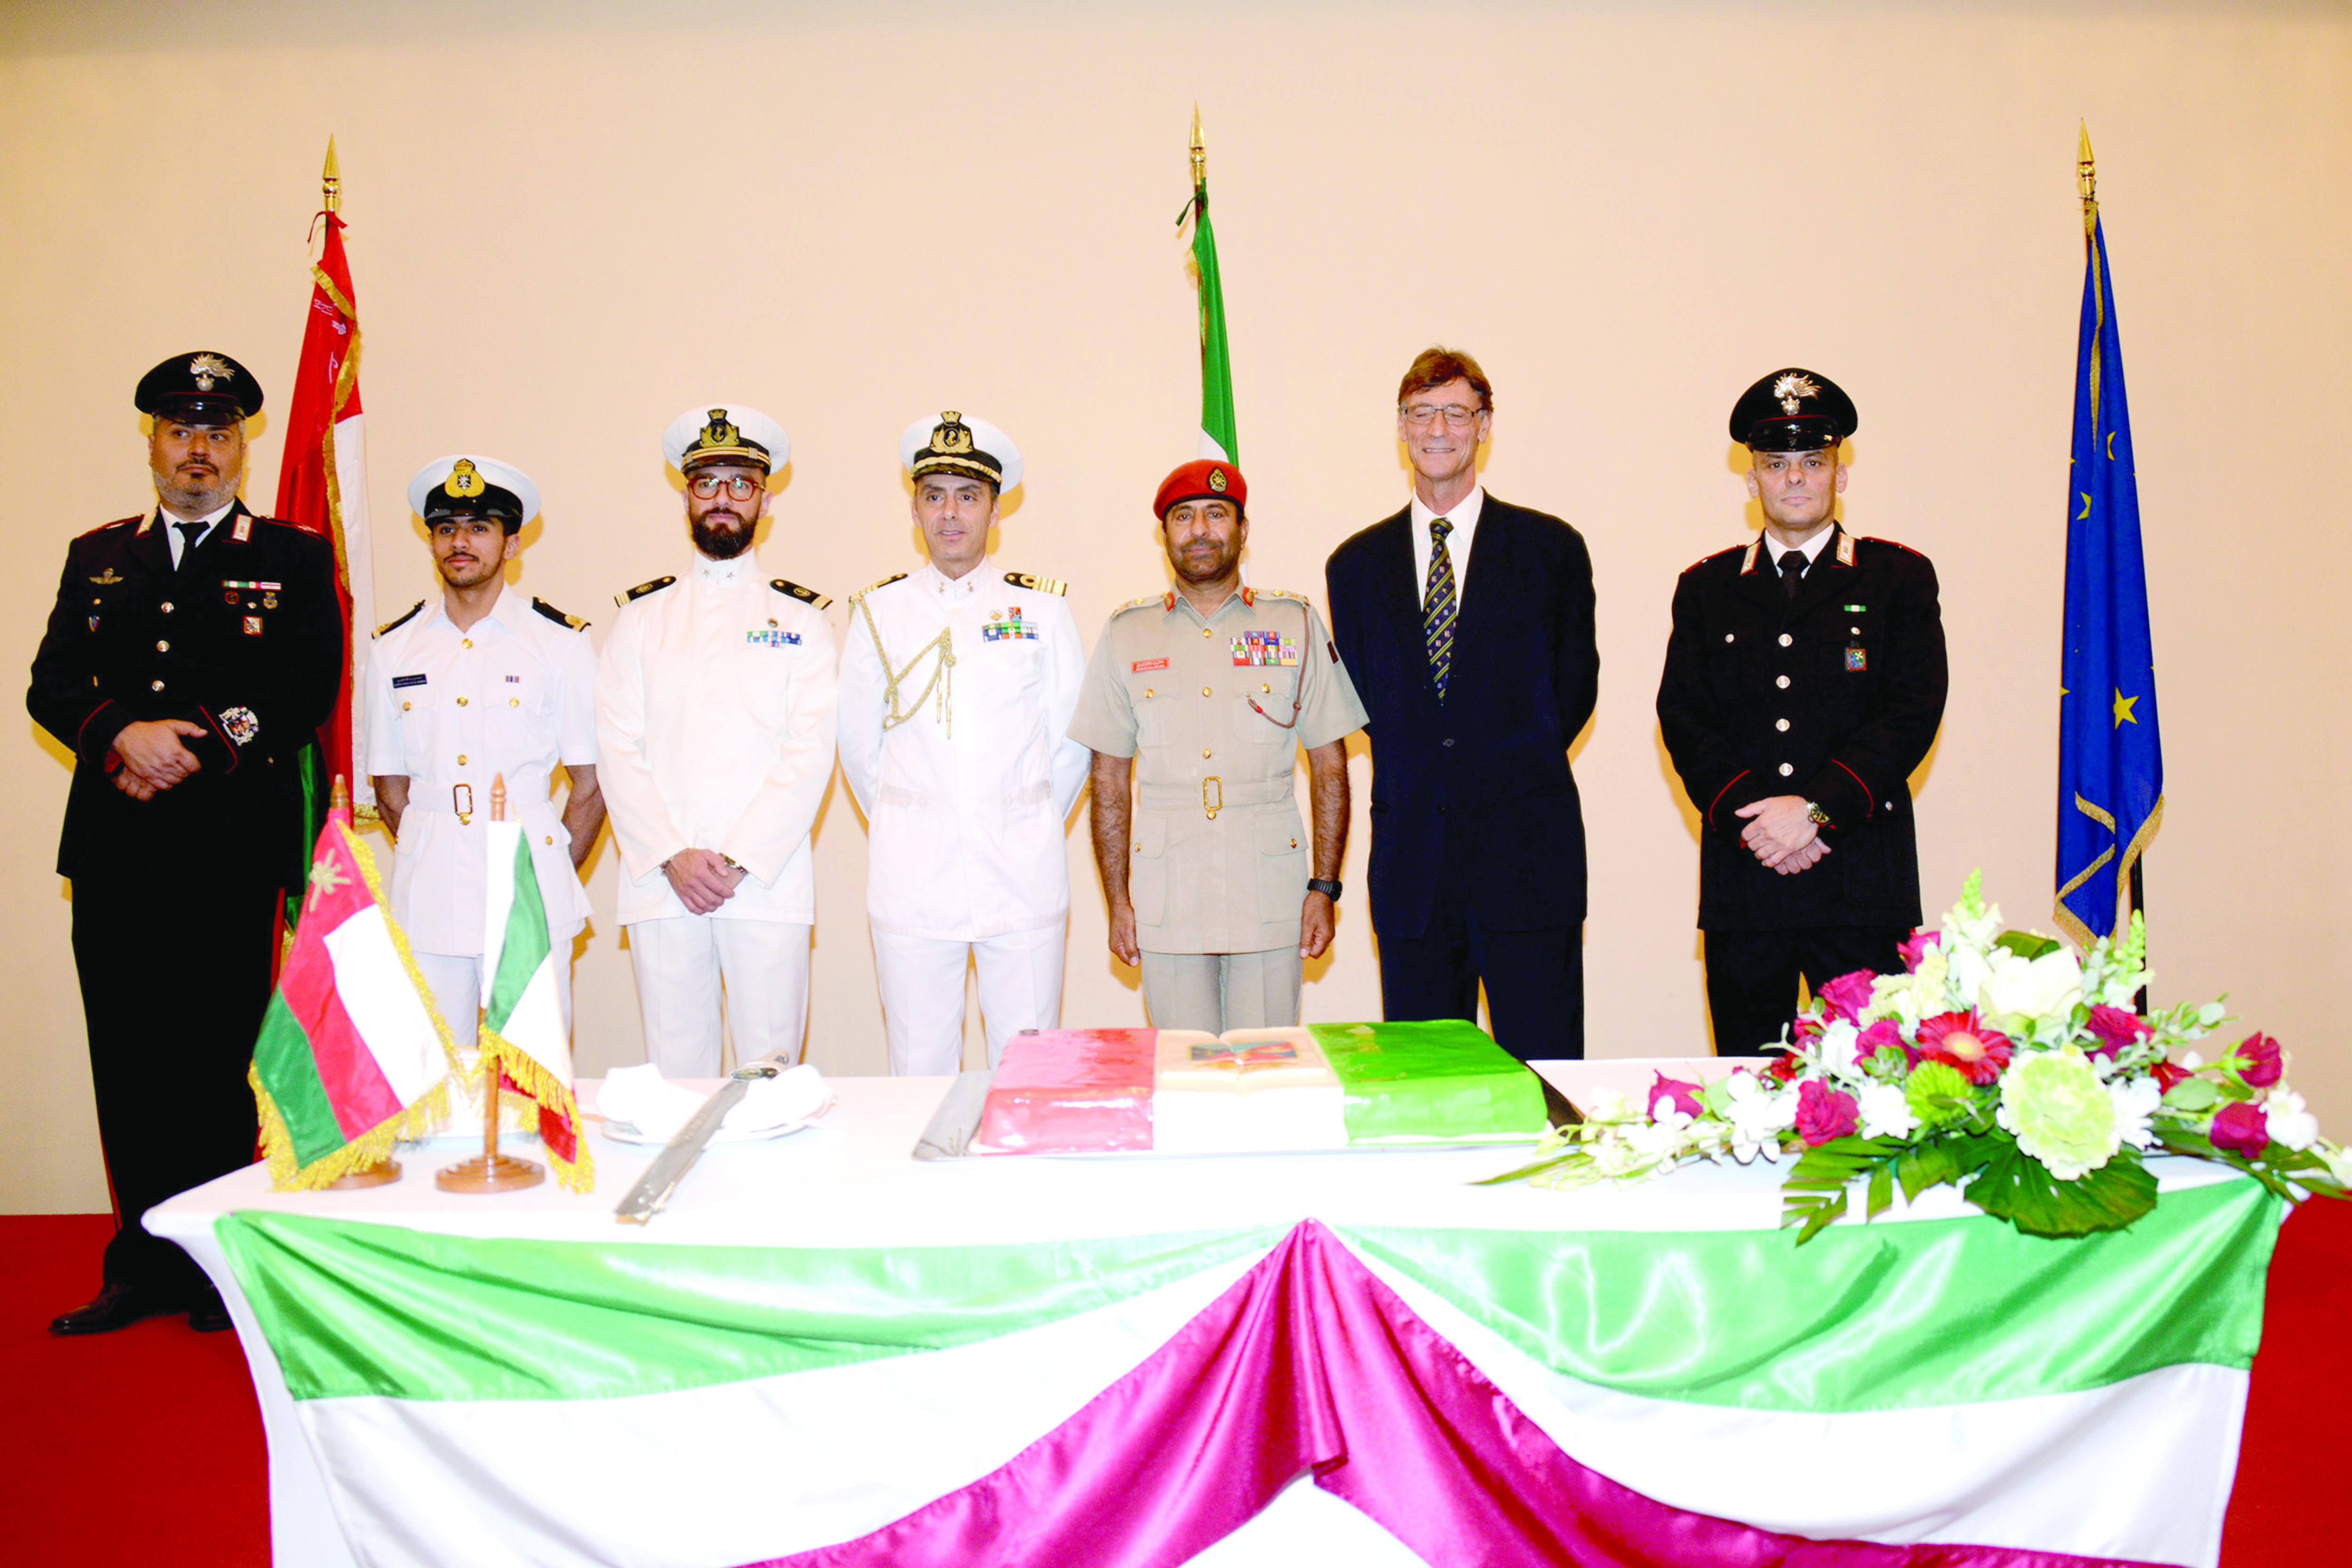 احتفال للملحقية العسكرية الإيطالية